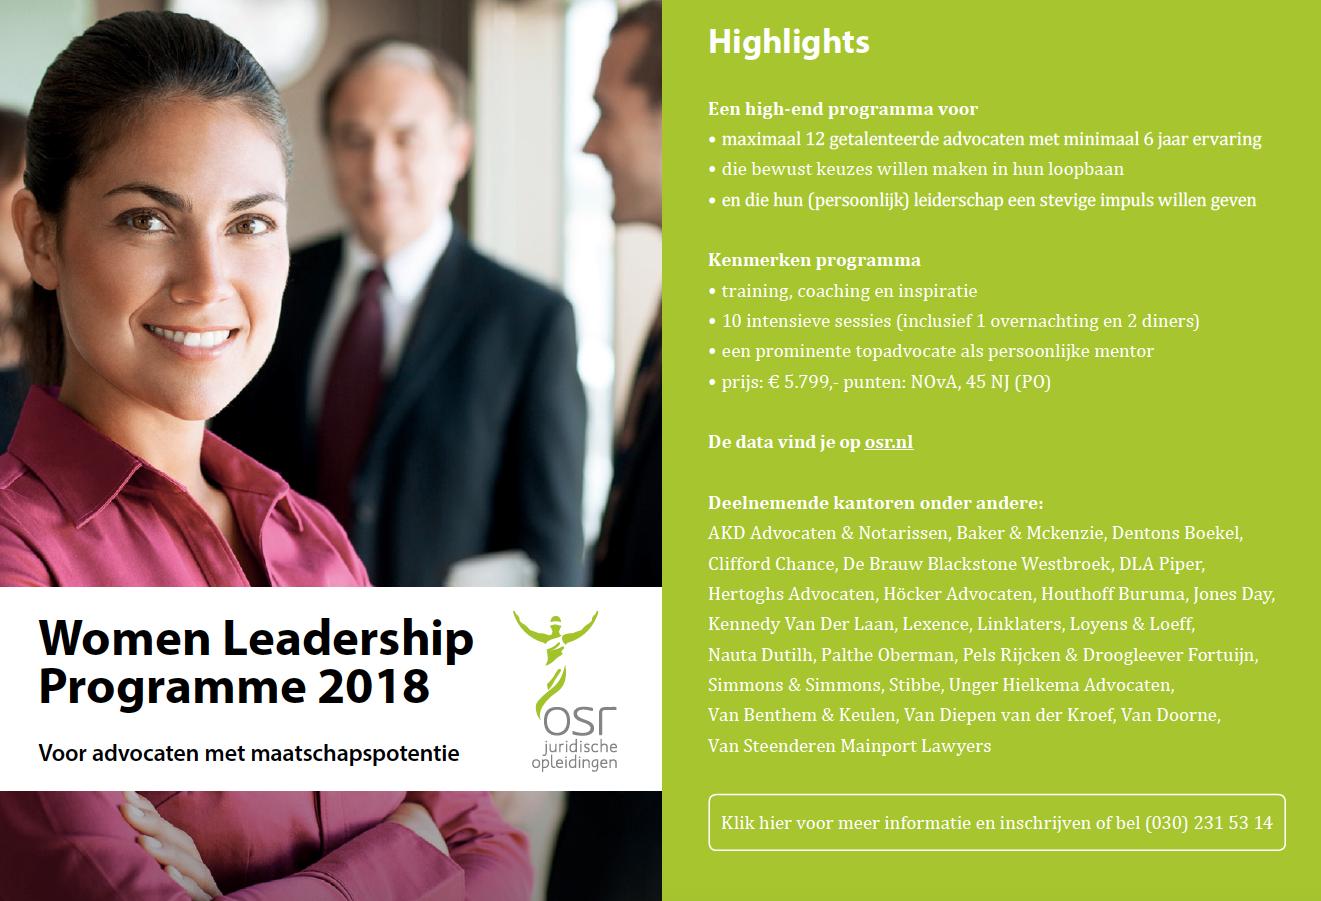 Women Leadership Programme 2018